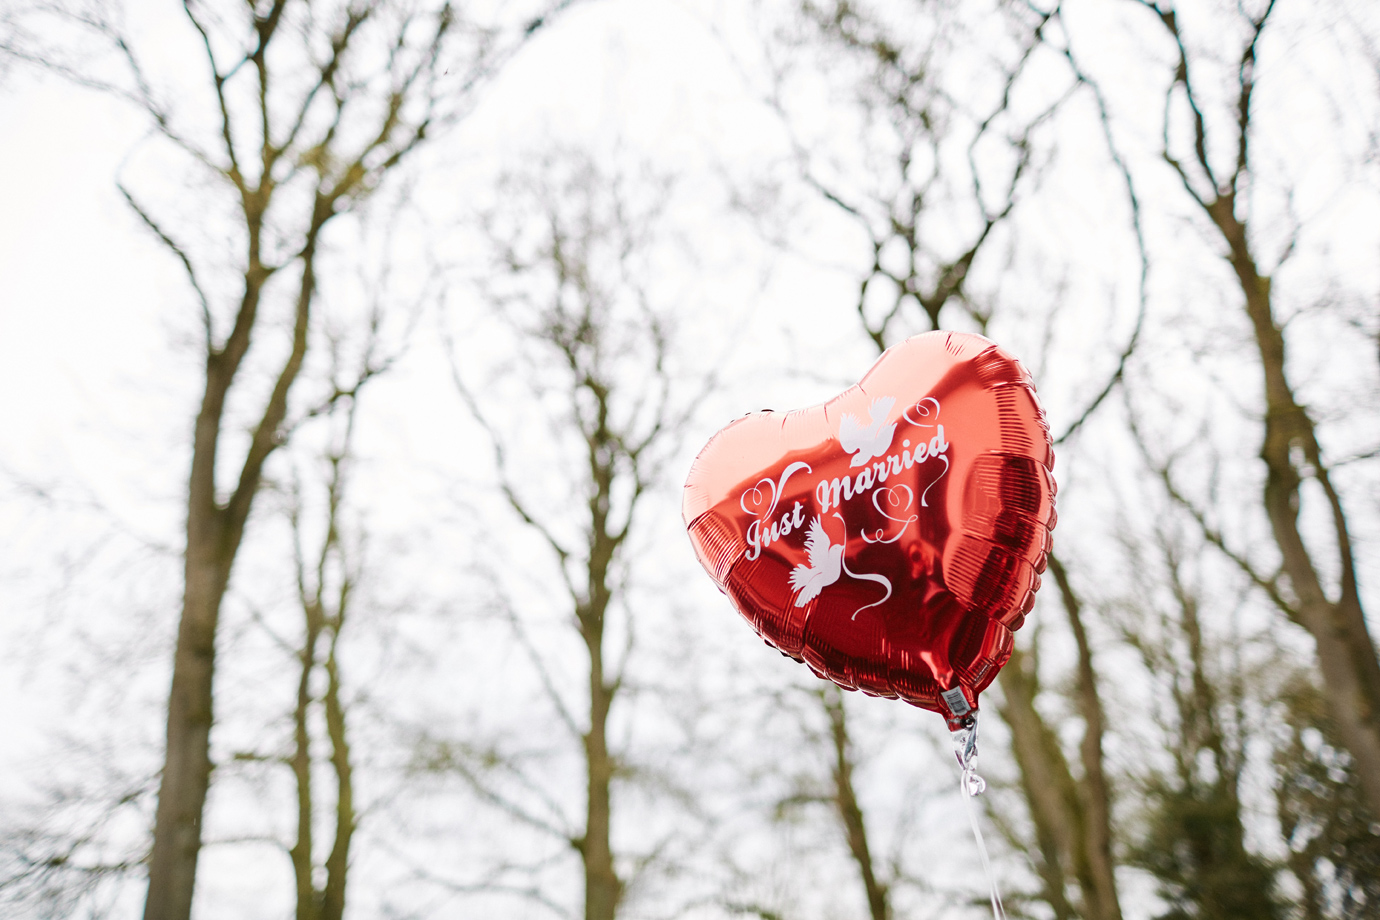 hochzeit luftballon just married